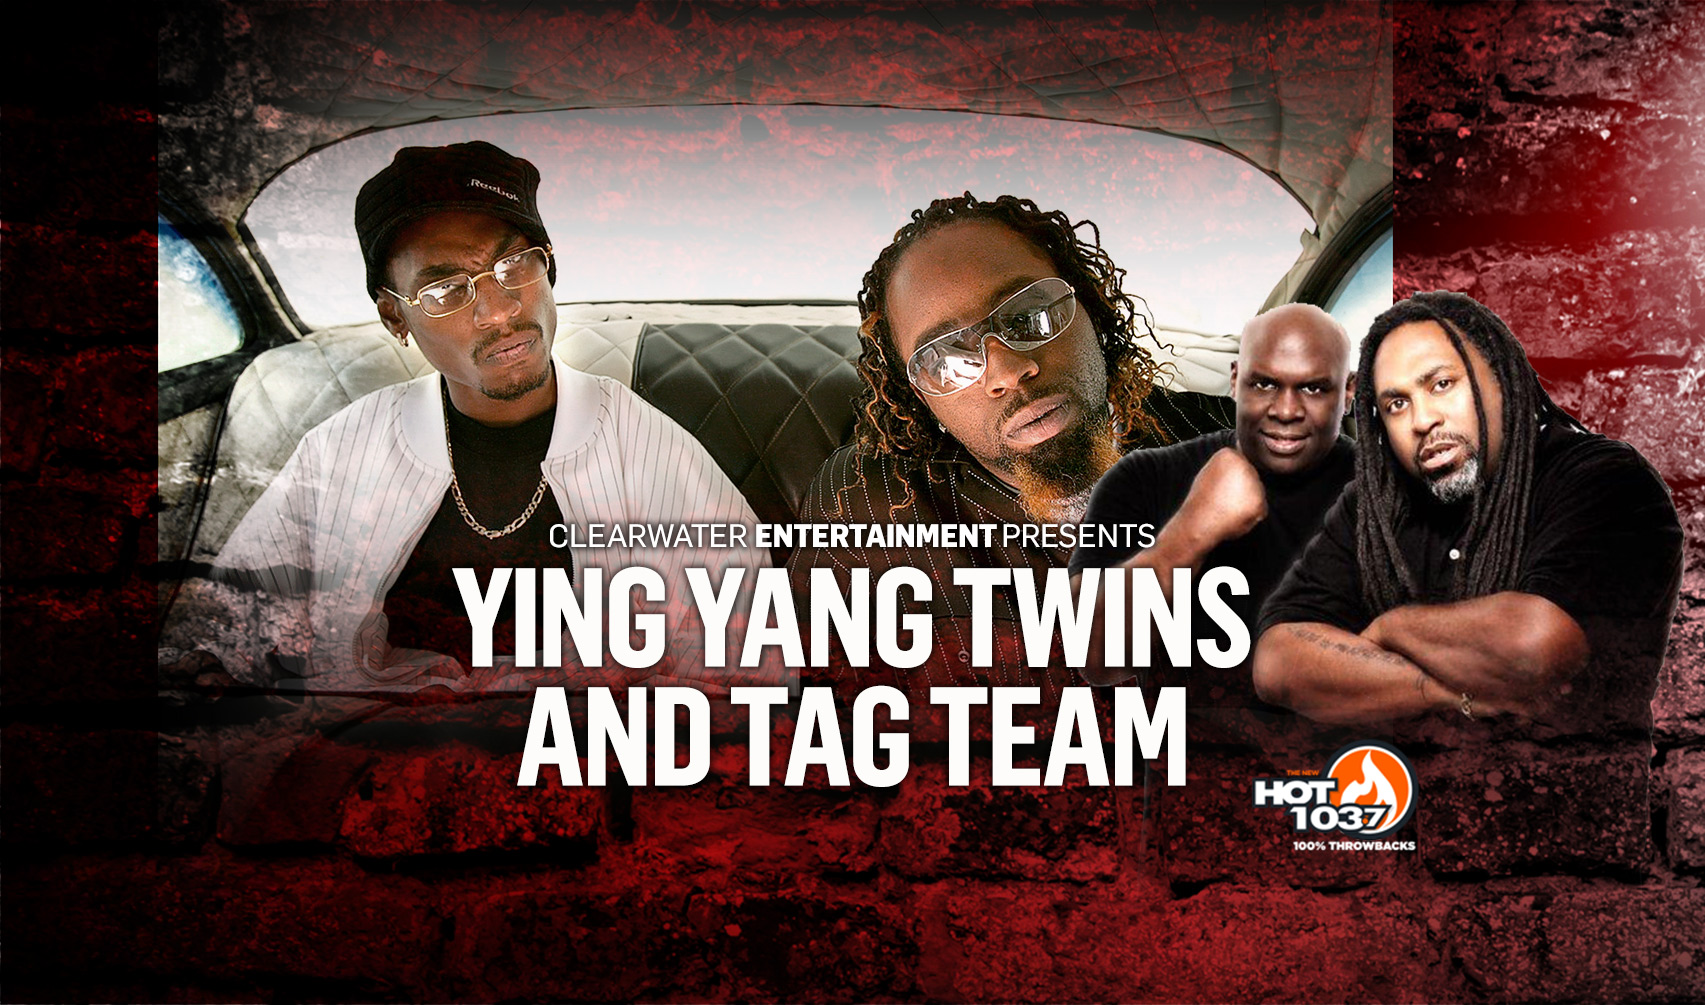 Dirty South: YIng Yang & Tag Team